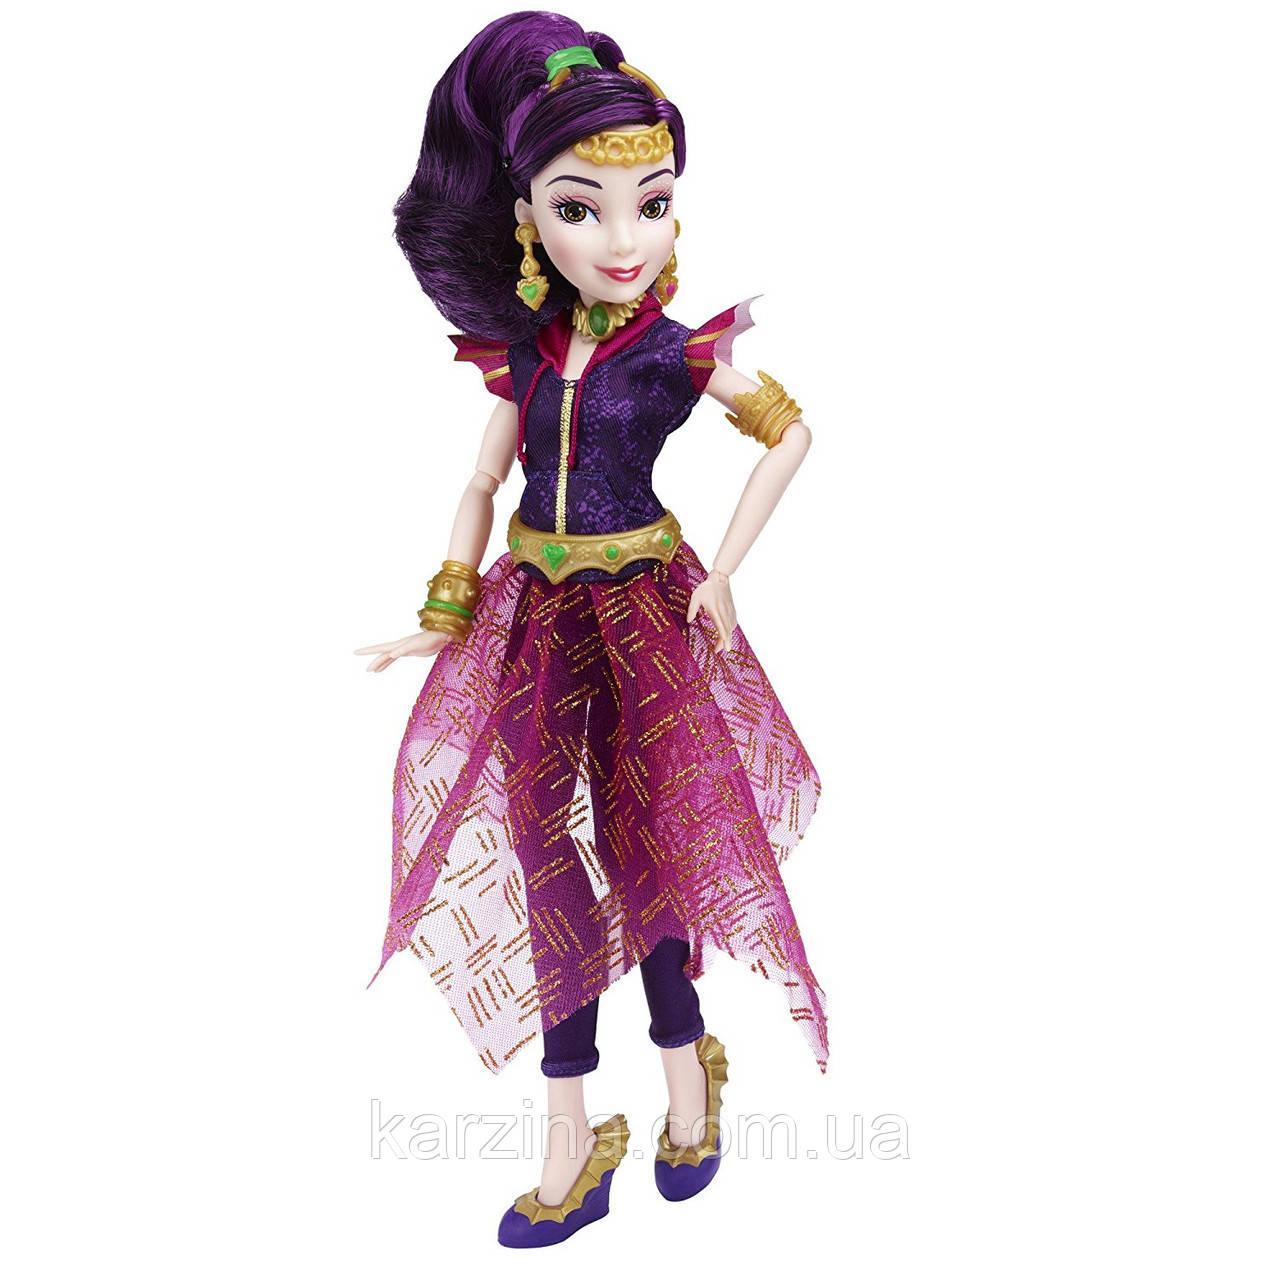 Кукла Мэл (Mal) Восточный шик Наследники Hasbro Disney